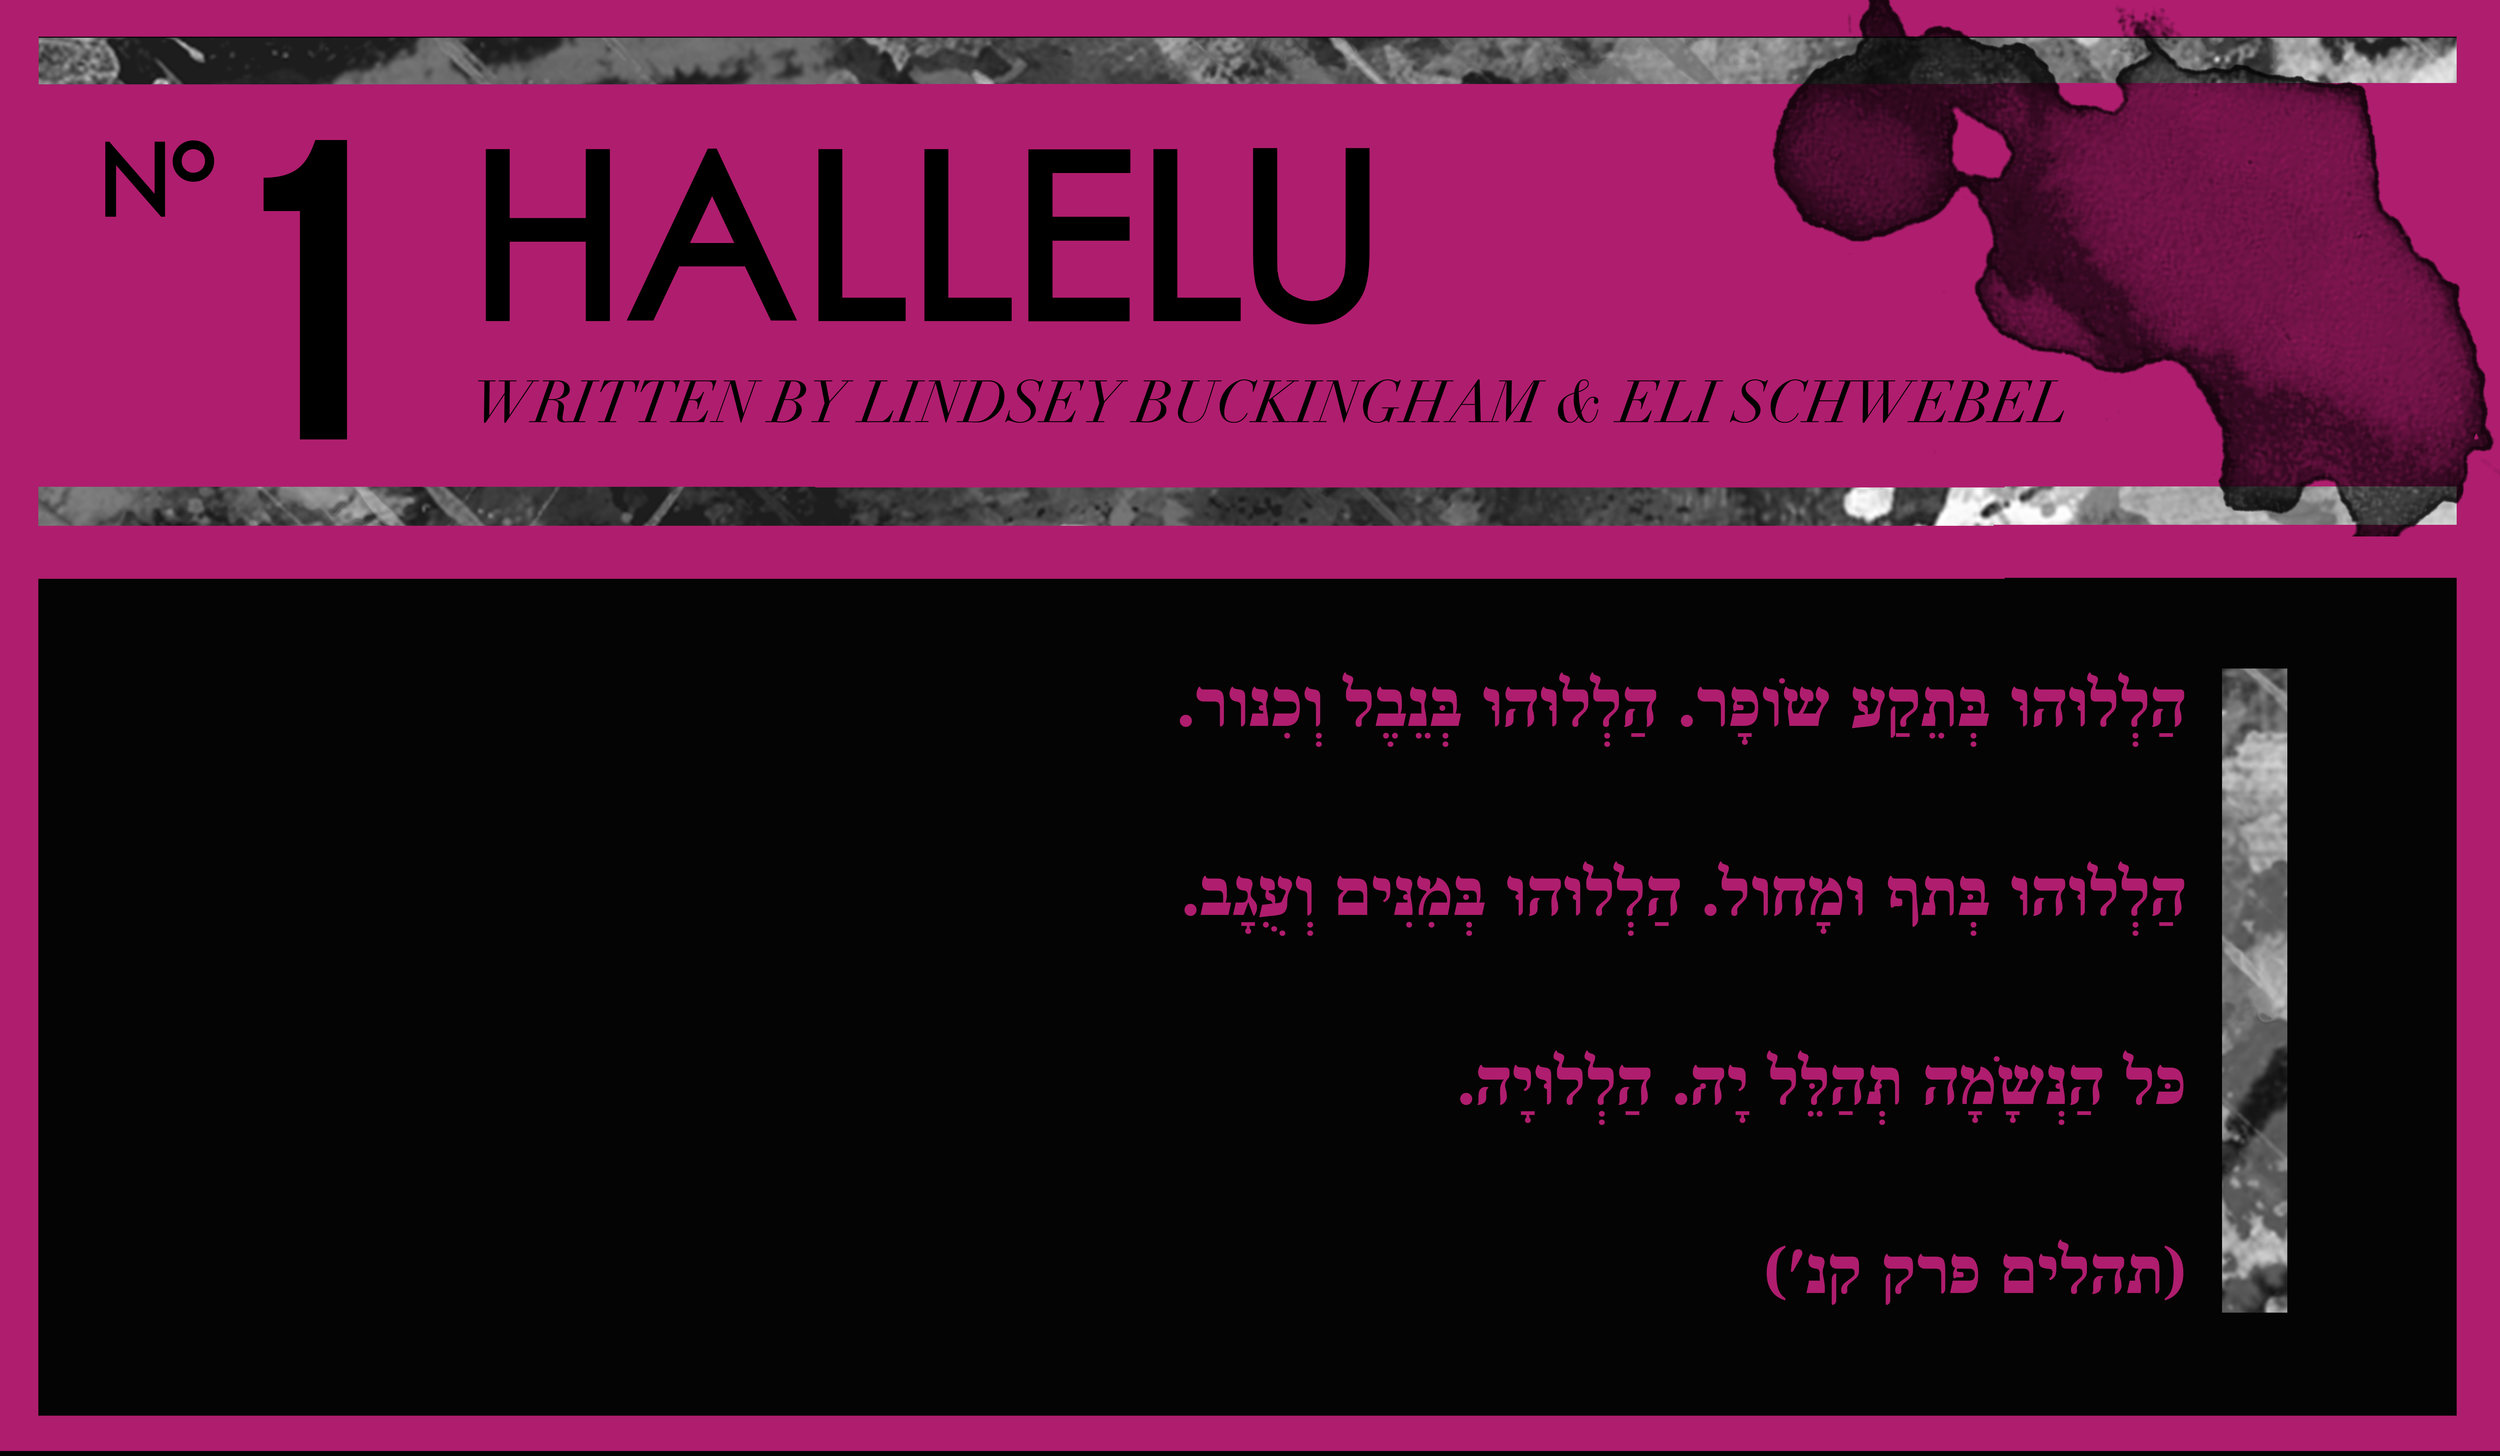 track1 Hallelu